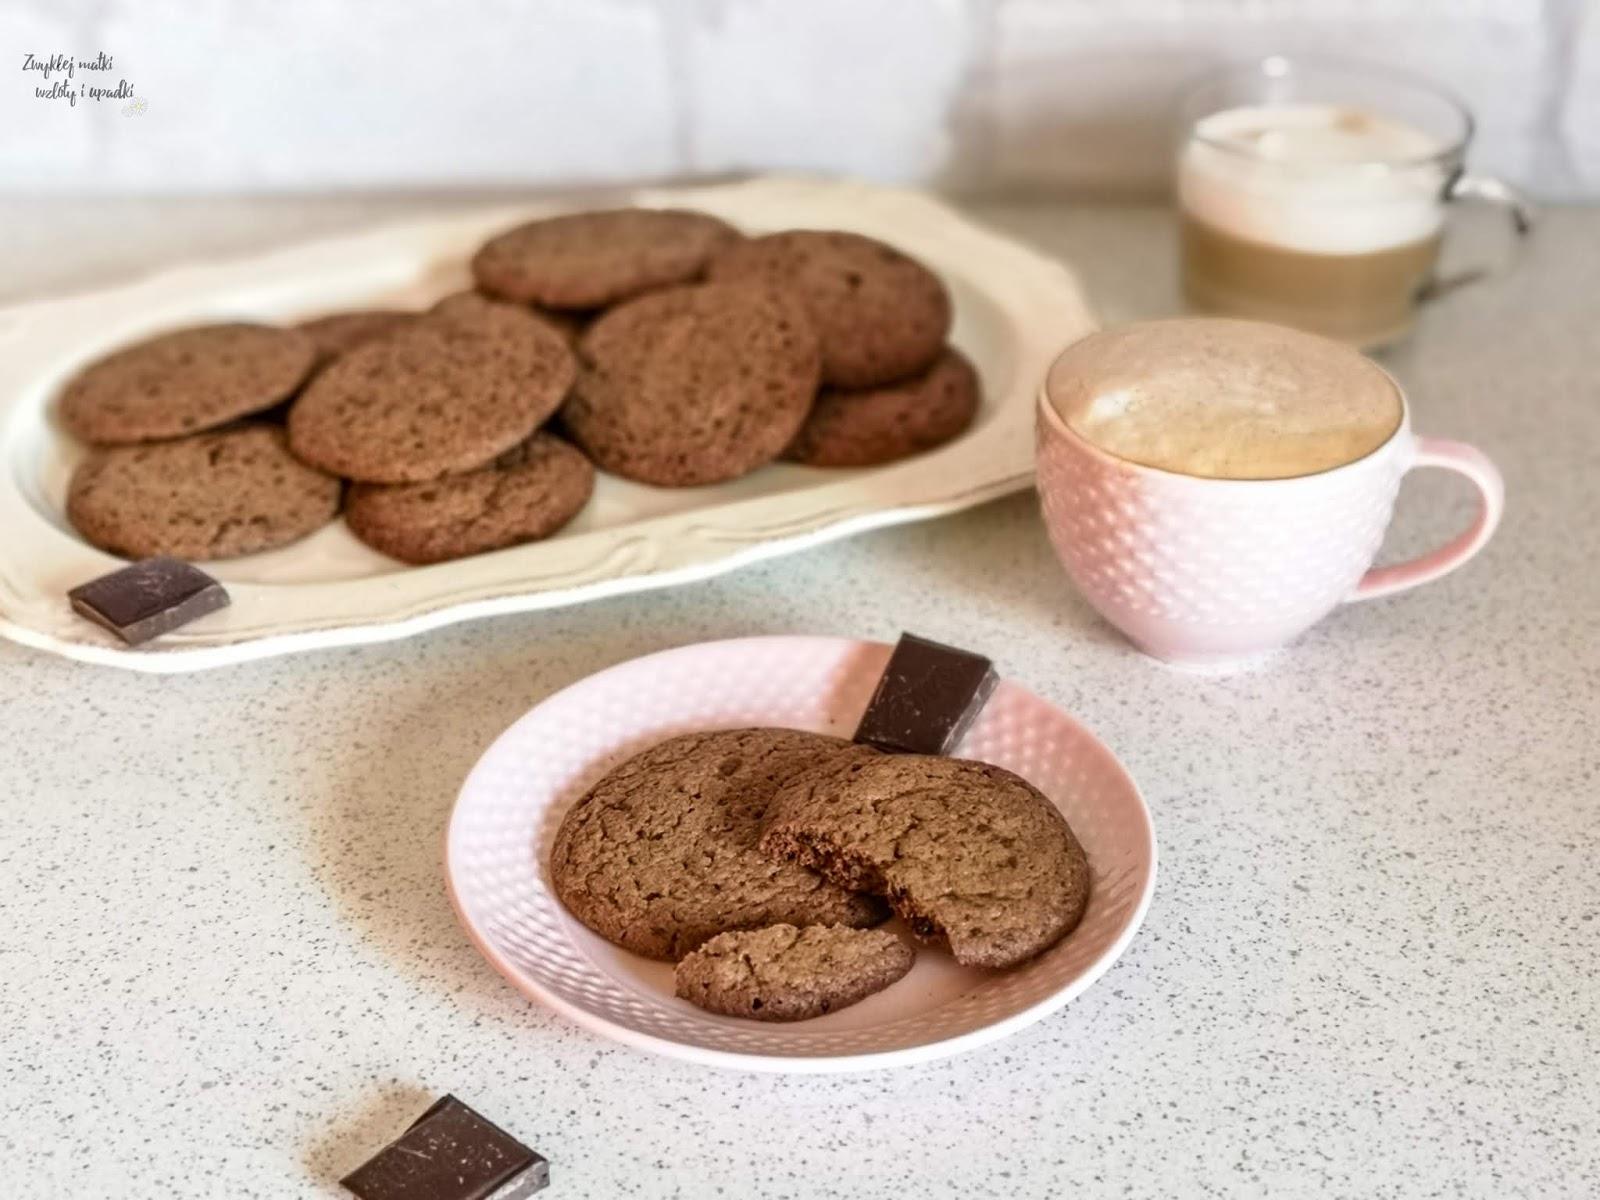 Ciasteczka czekoladowe Ani Starmach, czyli co robić z dzieckiem w domu